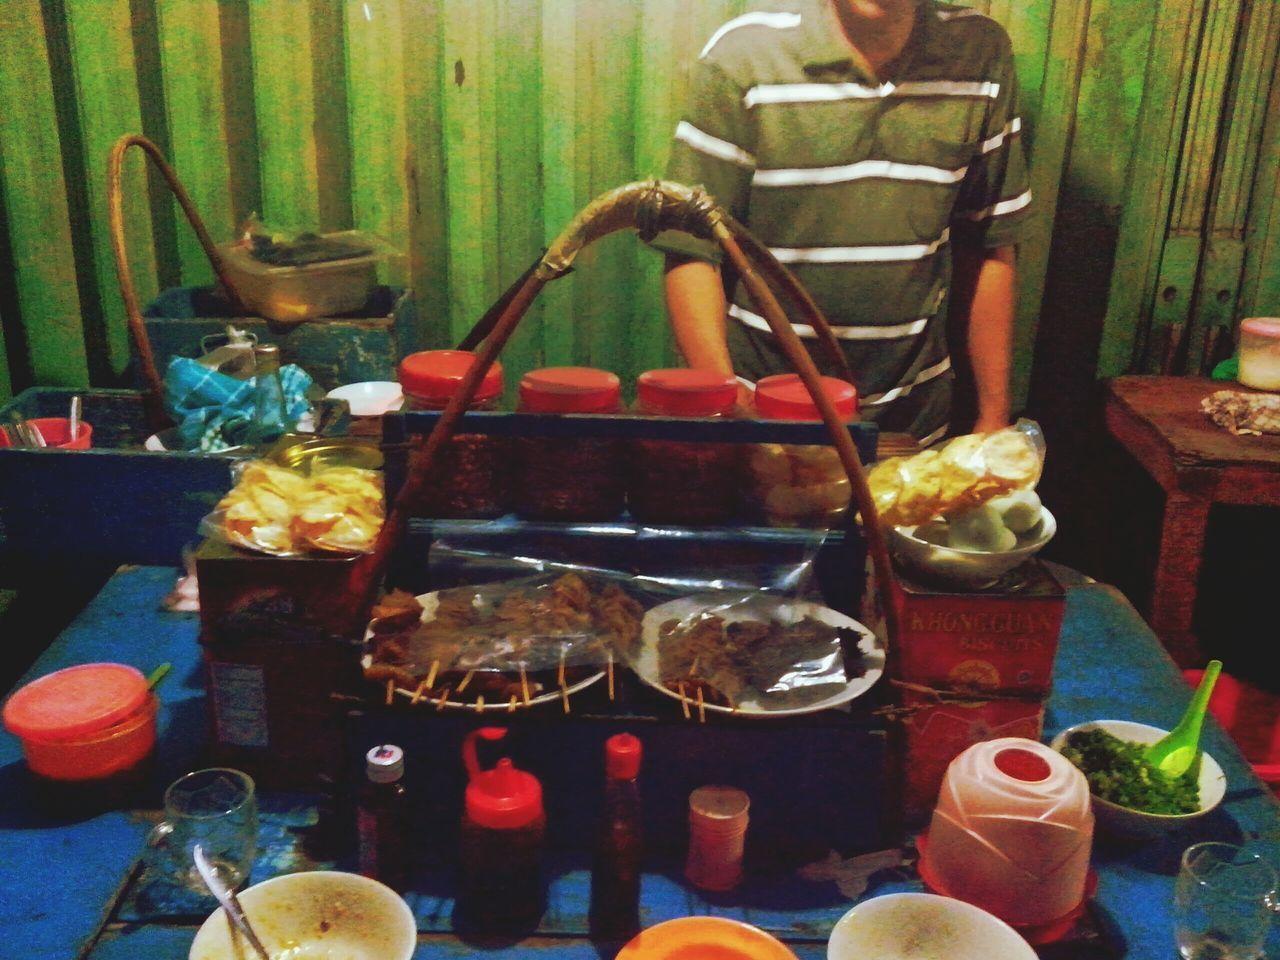 Betapa durhakanya hidupku bila mendustai sejarahku tercipta ketika sperma yg dihasilkan ayahku waktu menghamili ibuku adalah berasal setelah menikmati semangkuk bubur ayam Nusantara nan legendary cult pada jamannya itu dulu. Kini ku masih setia memangsa sang bubur Indonesia Culinary Legendary ❀ The 70's ❀ Hungry